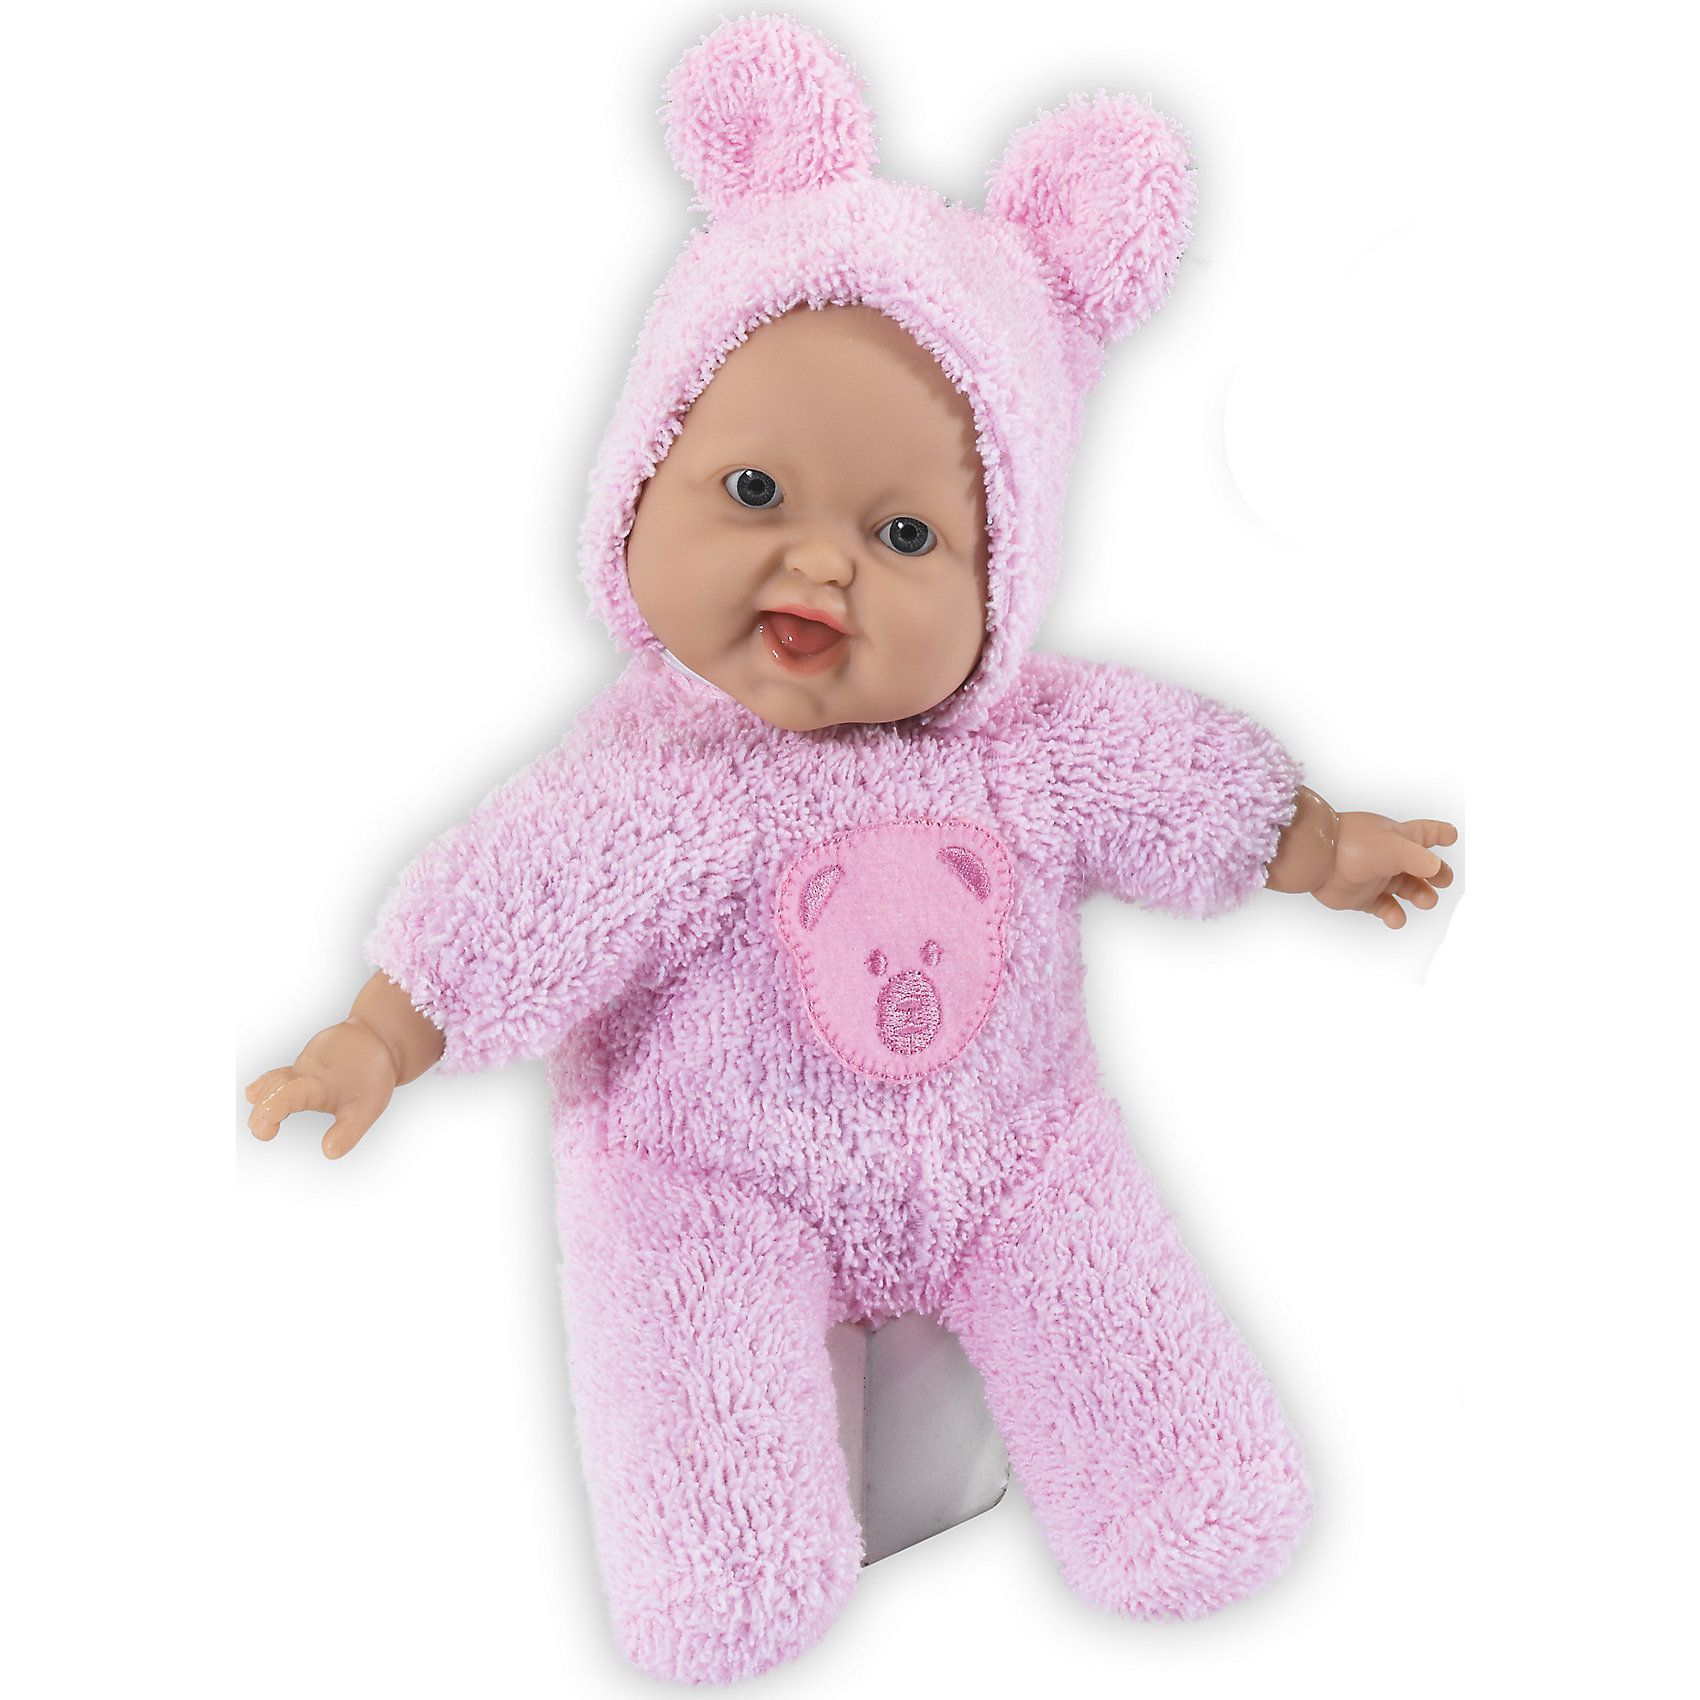 Кукла My Lovely, Loko ToysКуклы<br>Характеристики товара:<br><br>• возраст: от 10 месяцев;<br>• материал: пластик, текстиль, ПВХ;<br>• в комплекте: кукла, комбинезон;<br>• высота куклы: 24 см;<br>• размер упаковки: 29,5х19х8 см;<br>• вес упаковки: 313 гр.;<br>• страна производитель: Китай;<br>• товар представлен в ассортименте, нет возможности выбрать конкретную расцветку.<br><br>Кукла «My Lovely» Loko Toys одета в мягкий комбинезон с капюшоном и забавными ушками. Игра с куклой привьет девочке любовь, чувство ответственности, заботы и помощи окружающим. Пупса можно взять с собой на прогулку, в детский садик, убаюкать его дома и уложить спать с собой в кроватку.<br><br>Куклу «My Lovely» Loko Toys можно приобрести в нашем интернет-магазине.<br><br>Ширина мм: 190<br>Глубина мм: 80<br>Высота мм: 295<br>Вес г: 313<br>Возраст от месяцев: 10<br>Возраст до месяцев: 2147483647<br>Пол: Женский<br>Возраст: Детский<br>SKU: 6759068